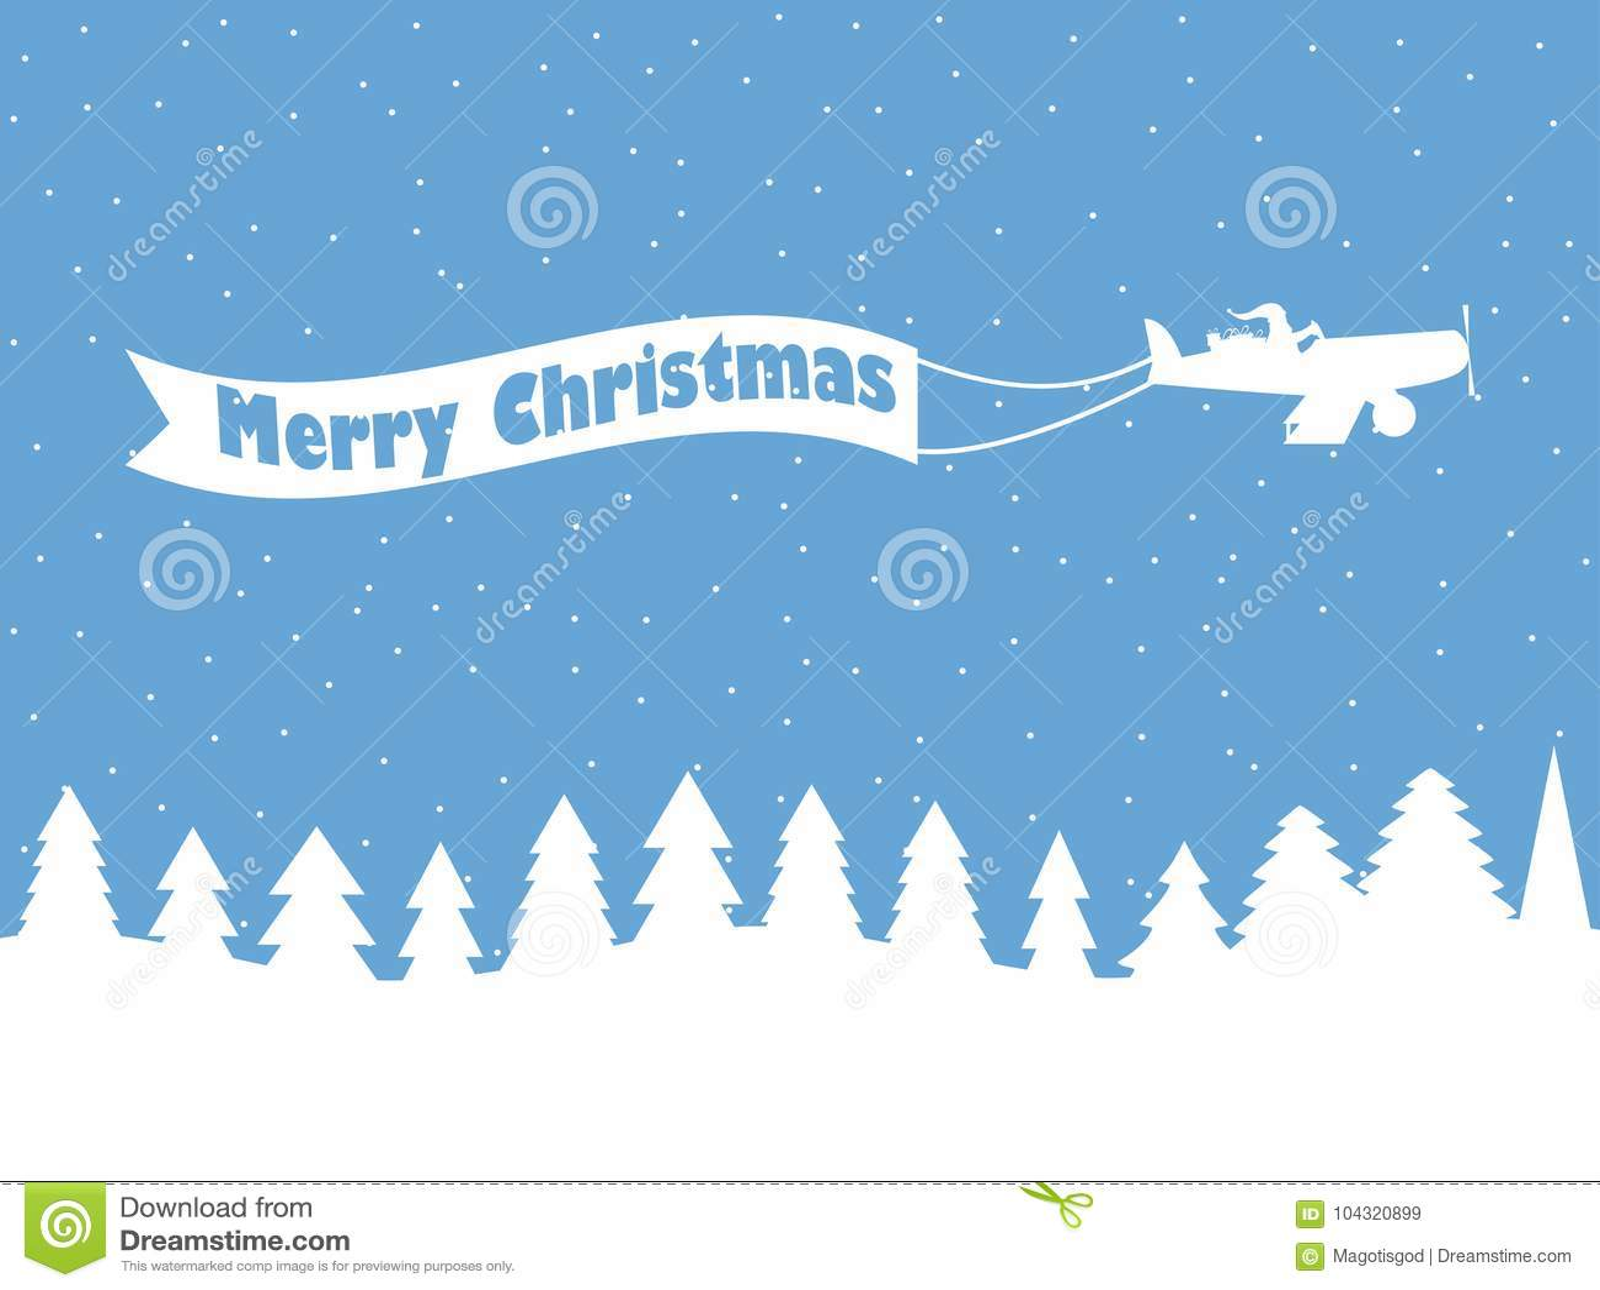 Santa Claus en un avión con una cinta Fondo del invierno con nieve que cae Contorno blanco de árboles de navidad Vector